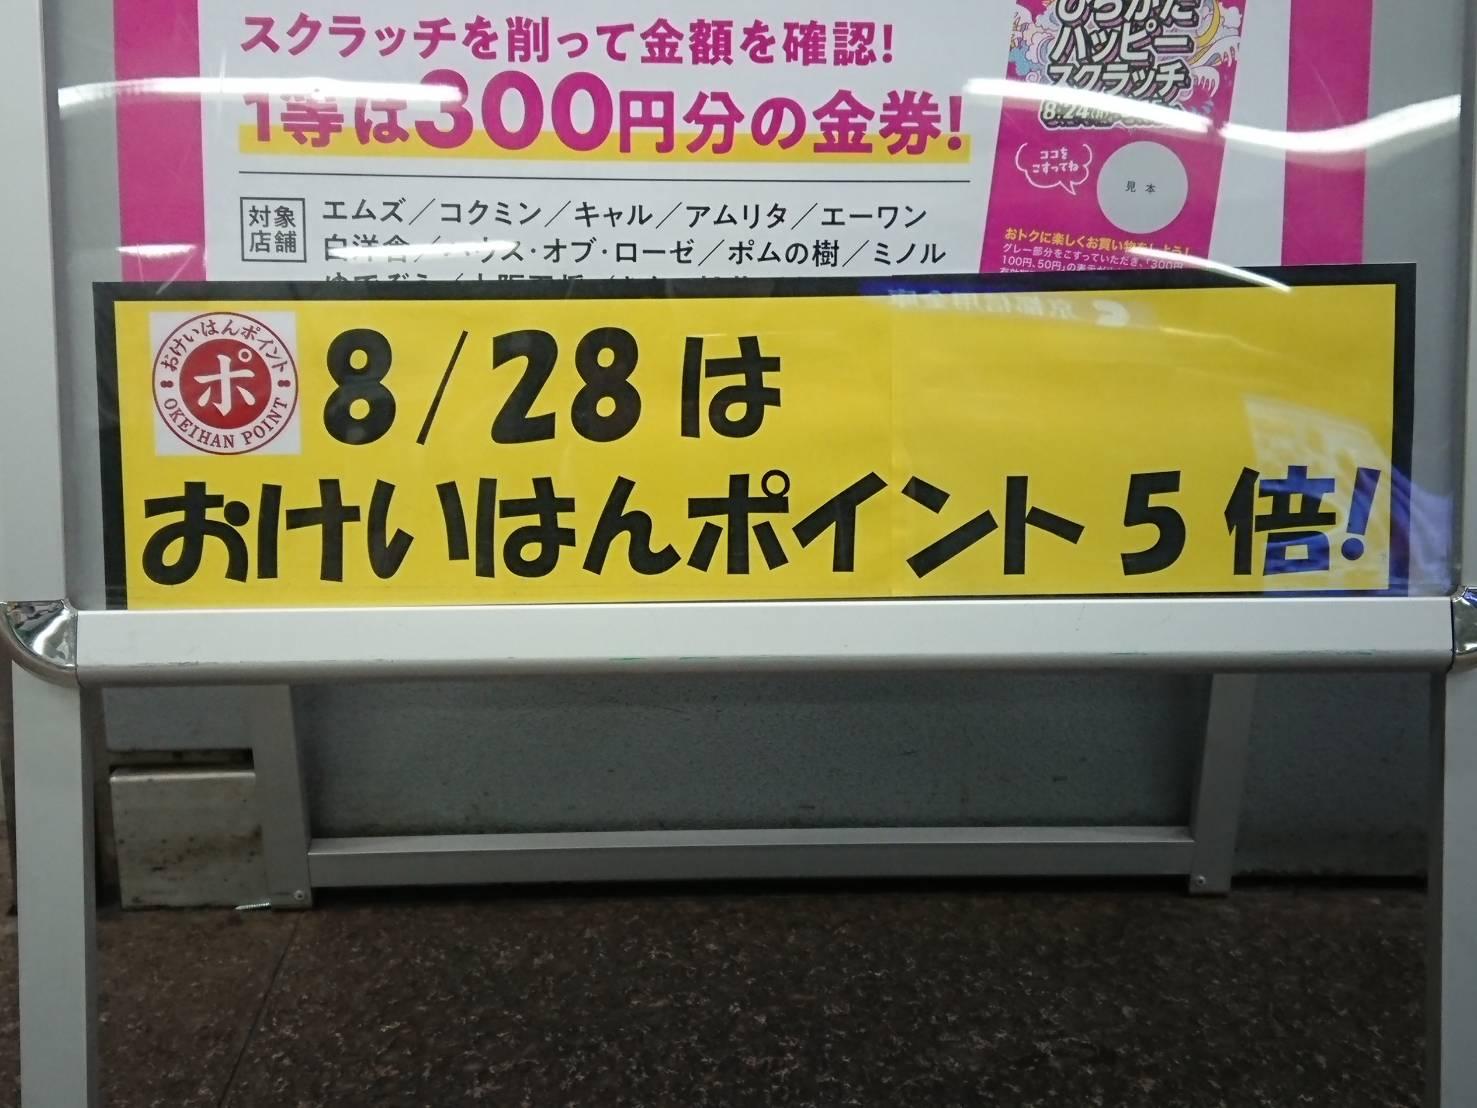 【8/28(金)おけいはんポイント5倍!】